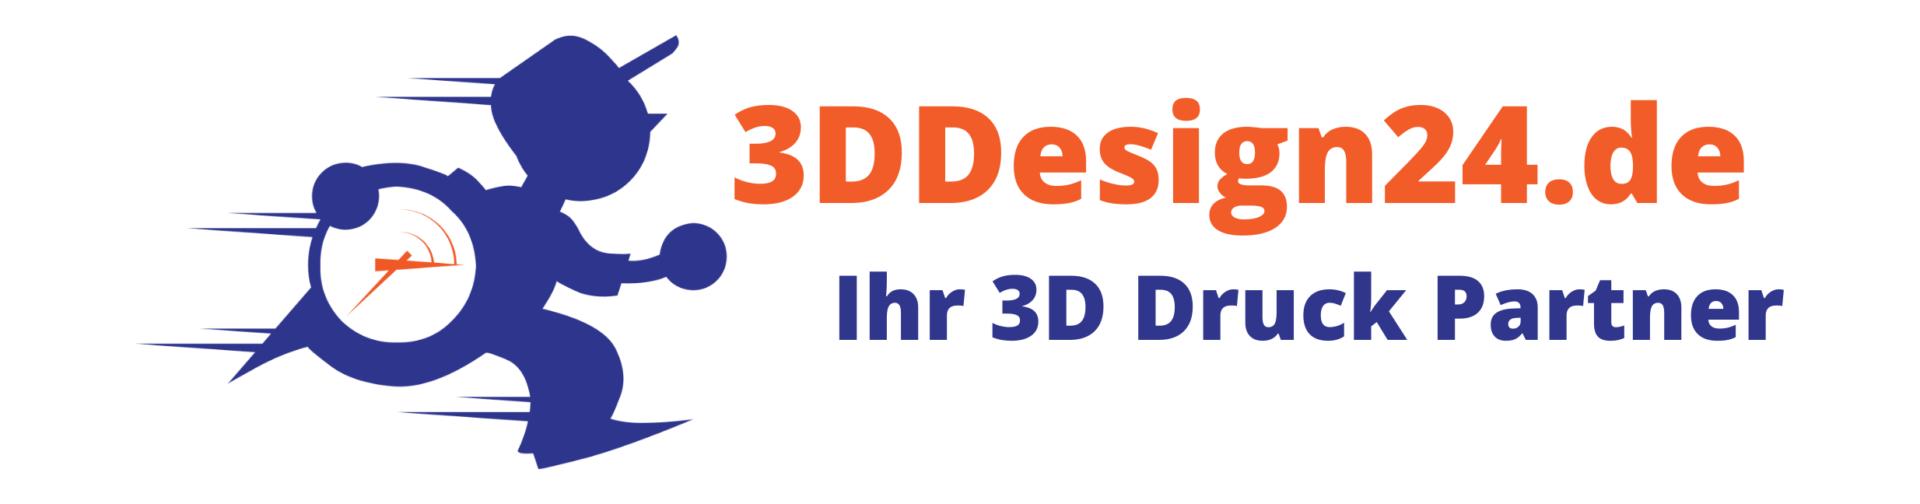 3D Design24